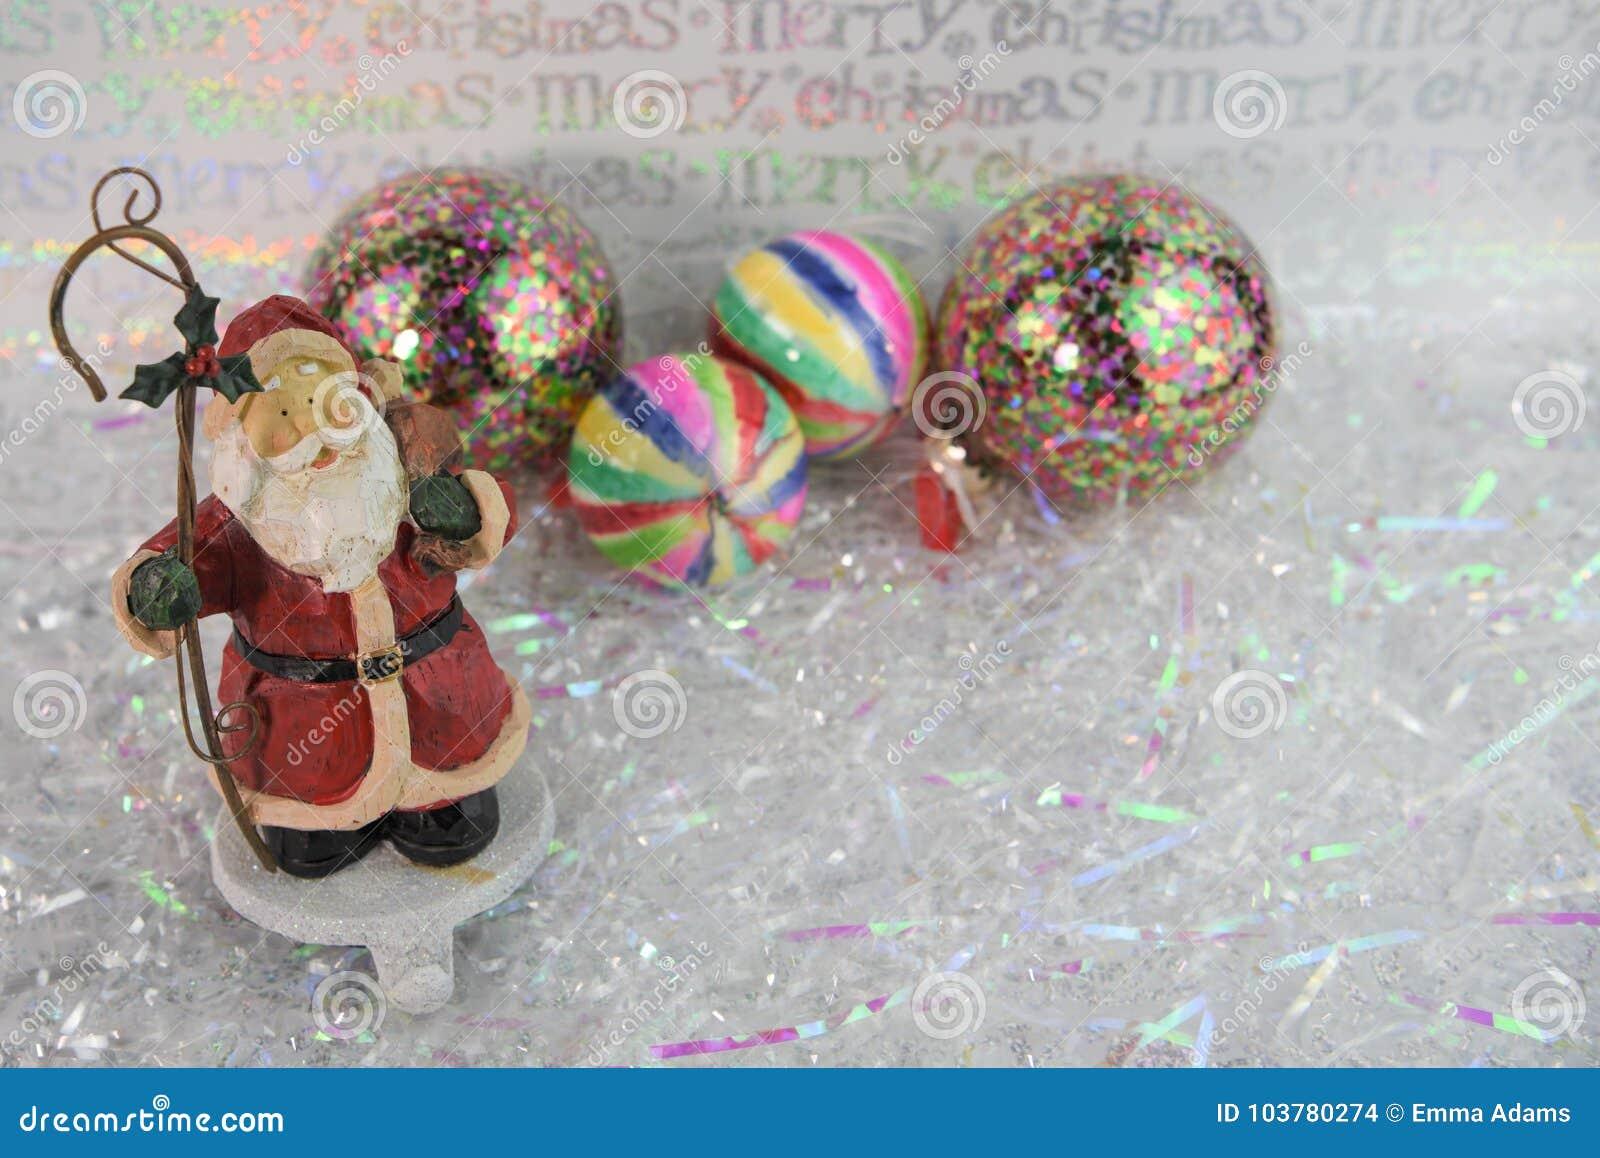 Julfotografibild av hållaren för Santa Claus prydnadstrumpa och ljusa kulöra trädgarneringar i bakgrund